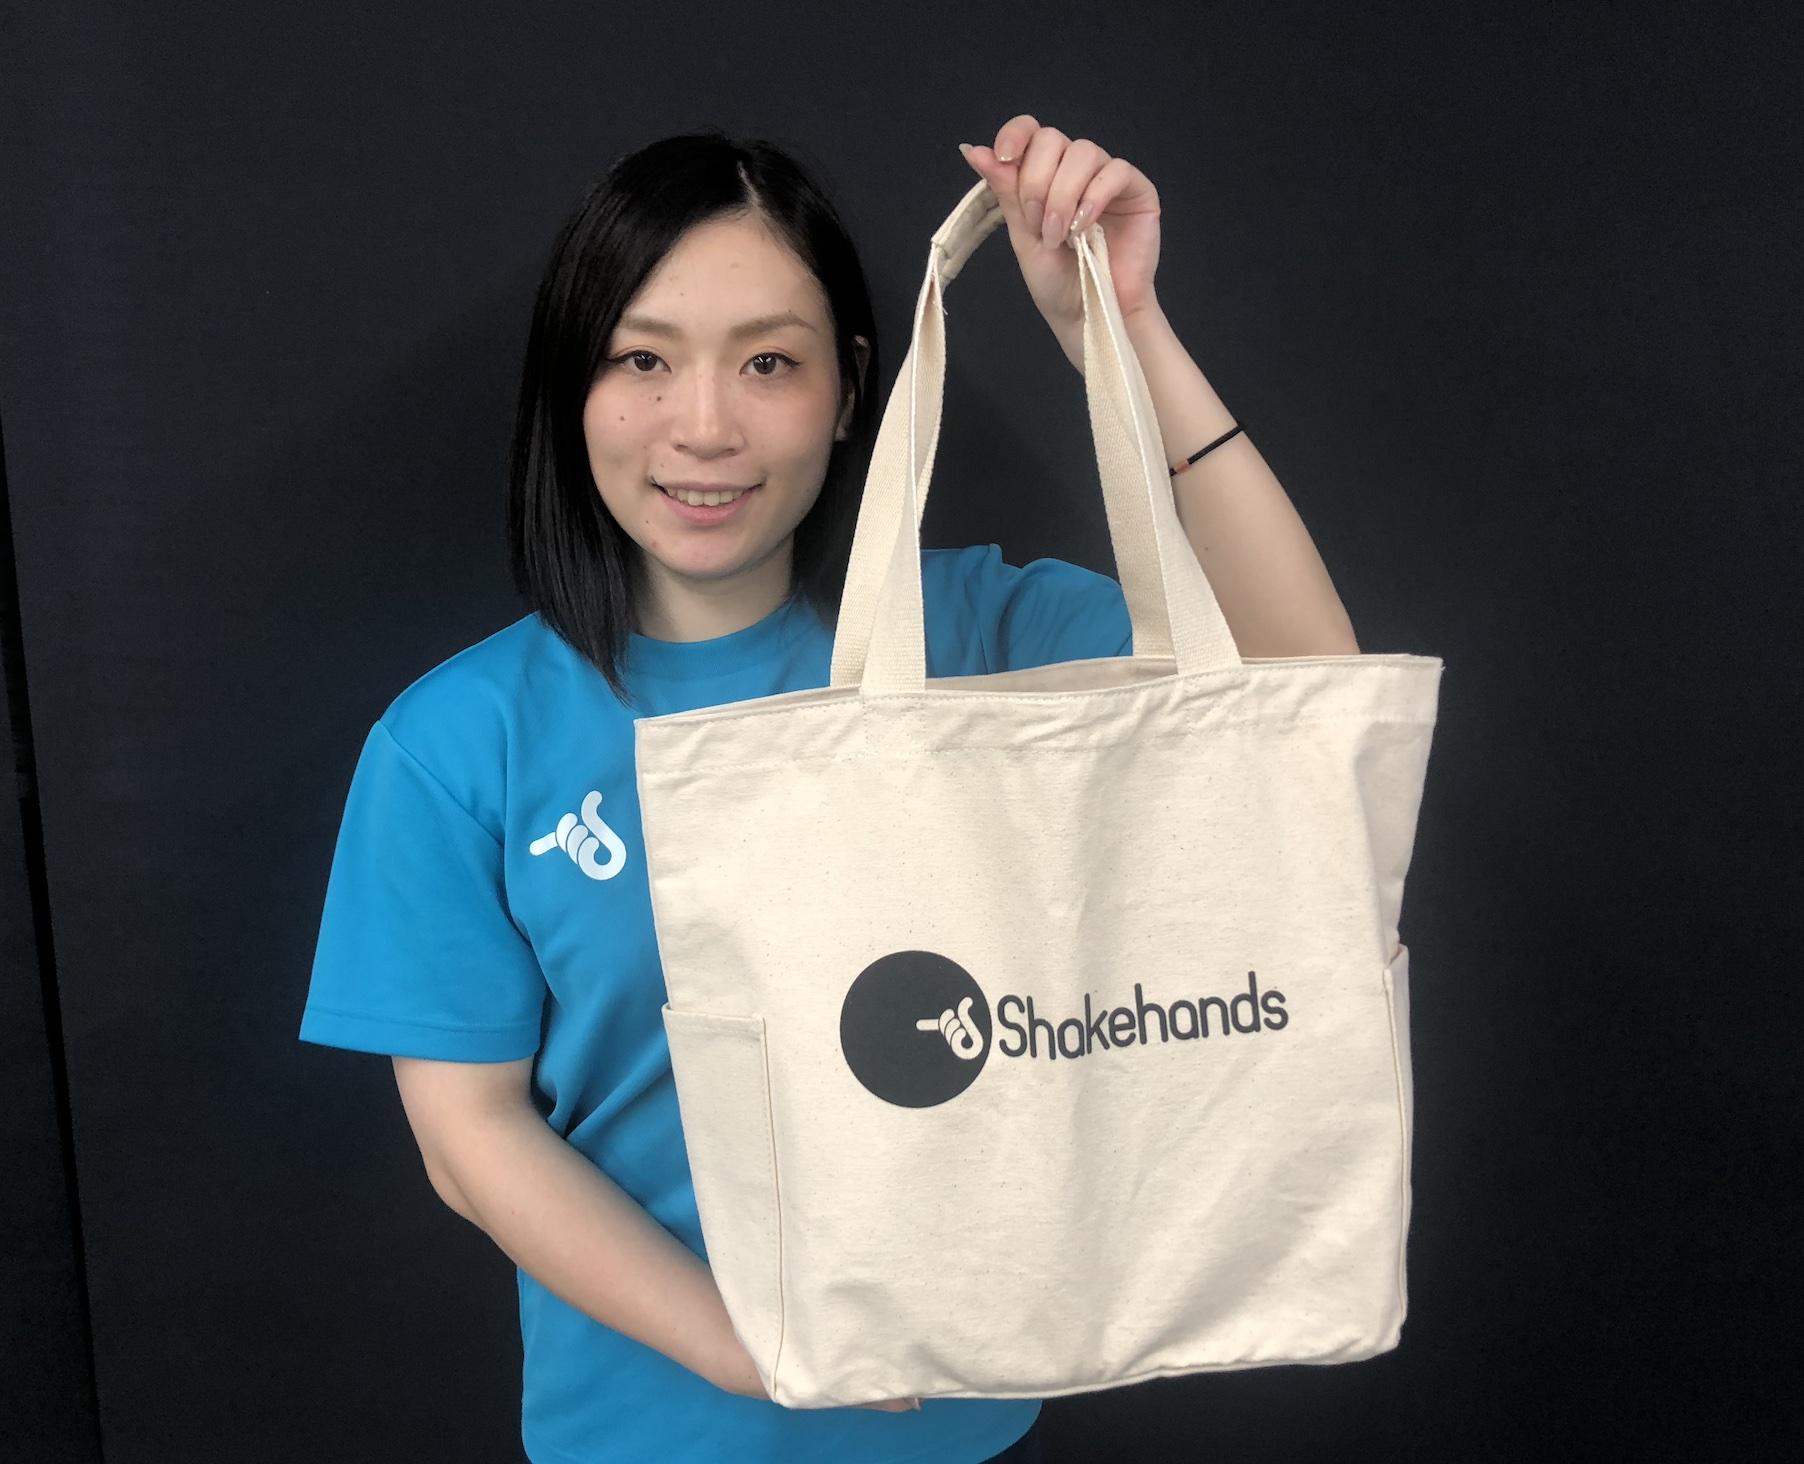 【数量限定!】シェークハンズトートバッグ発売!